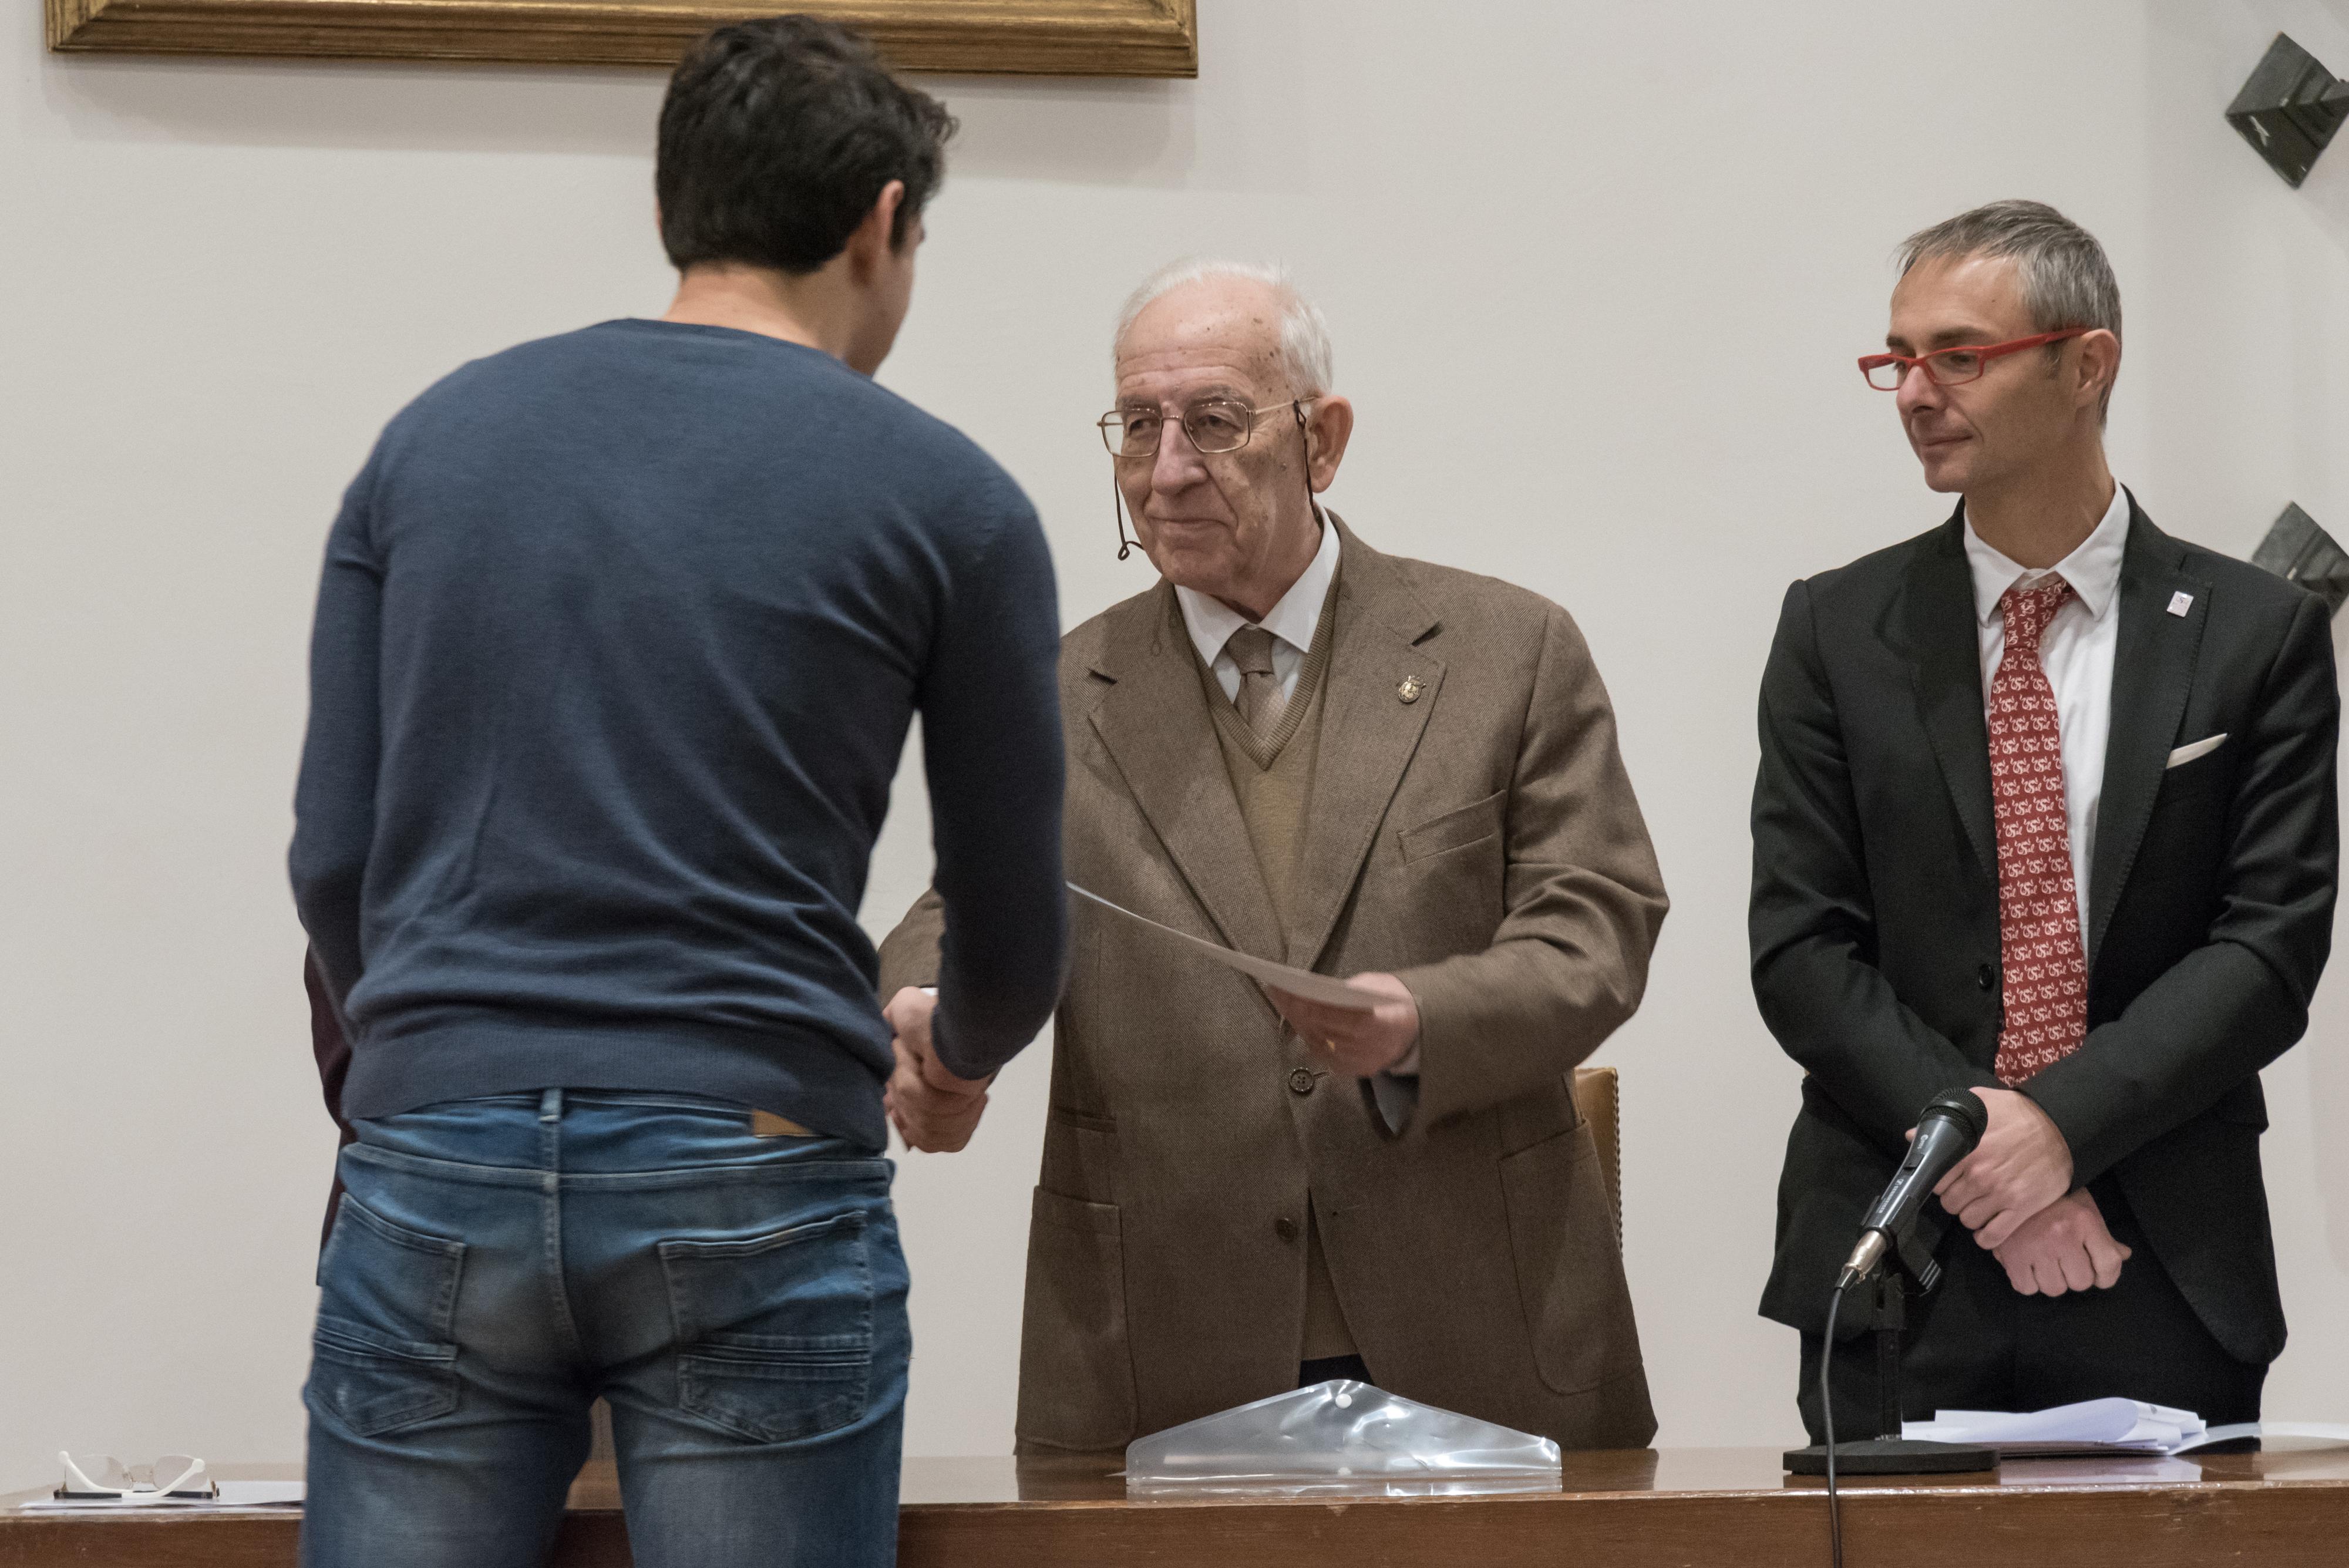 La Universidad de Salamanca acoge la final regional de las LIV Olimpiadas Matemáticas y la entrega de diplomas a los finalistas